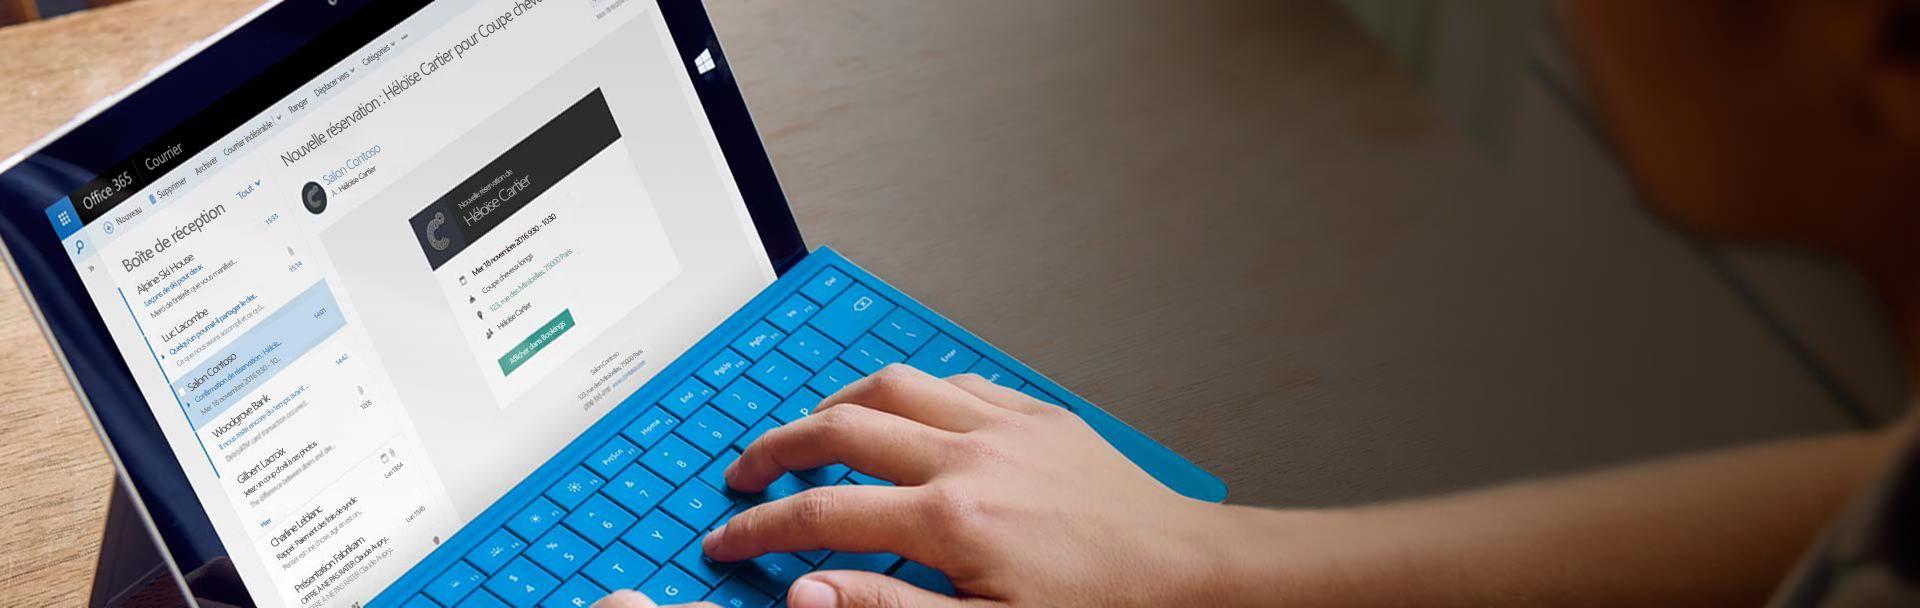 Tablette affichant des rappels de rendez-vous de Bookings dans Office365 dans un message électronique.